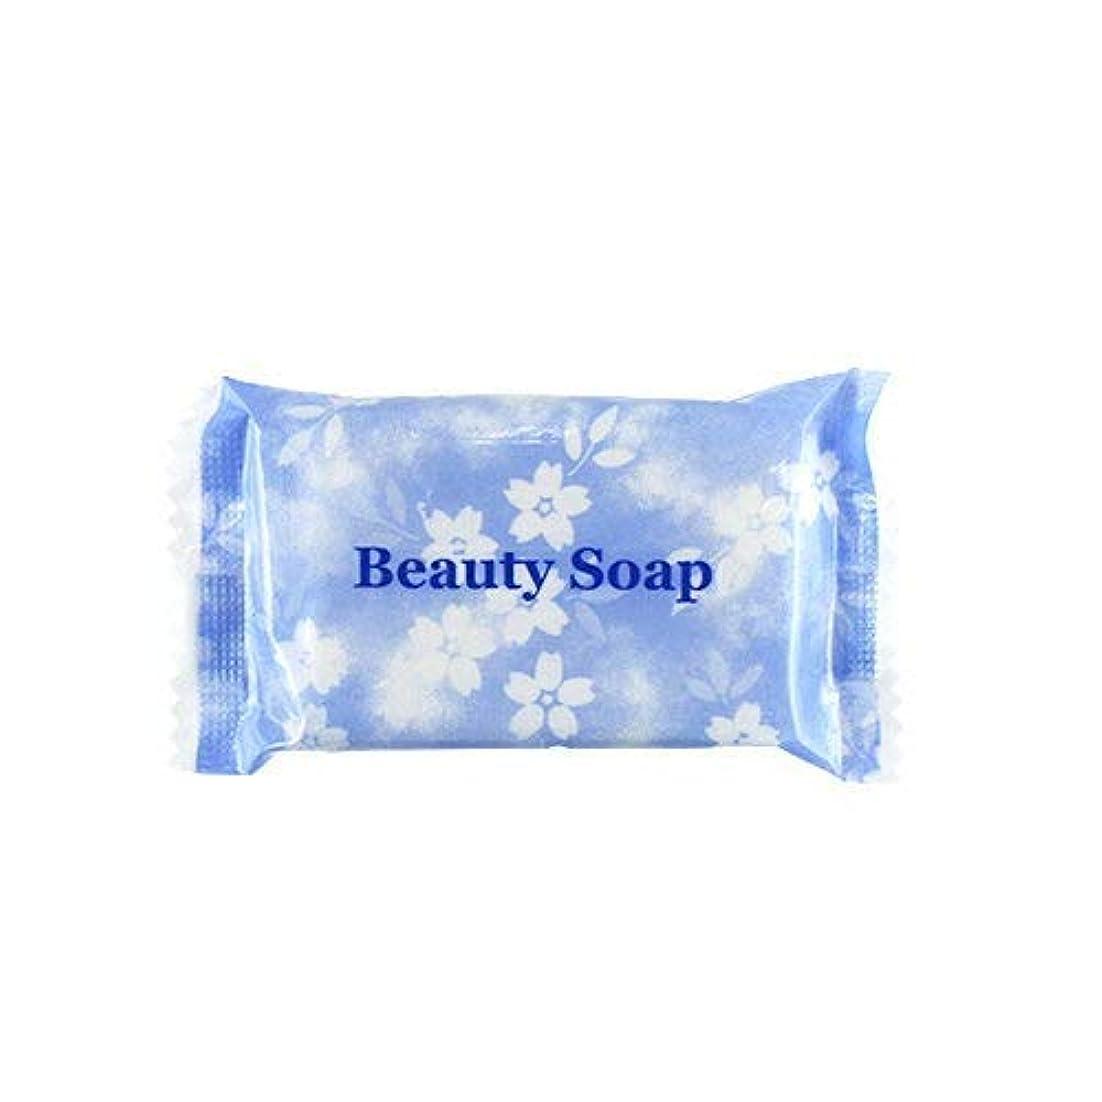 下る密輸思いつく業務用 クロバーコーポレーション ビューティーソープ(Beauty Soap) 15g×50個セット | ホテルアメニティ 個包装